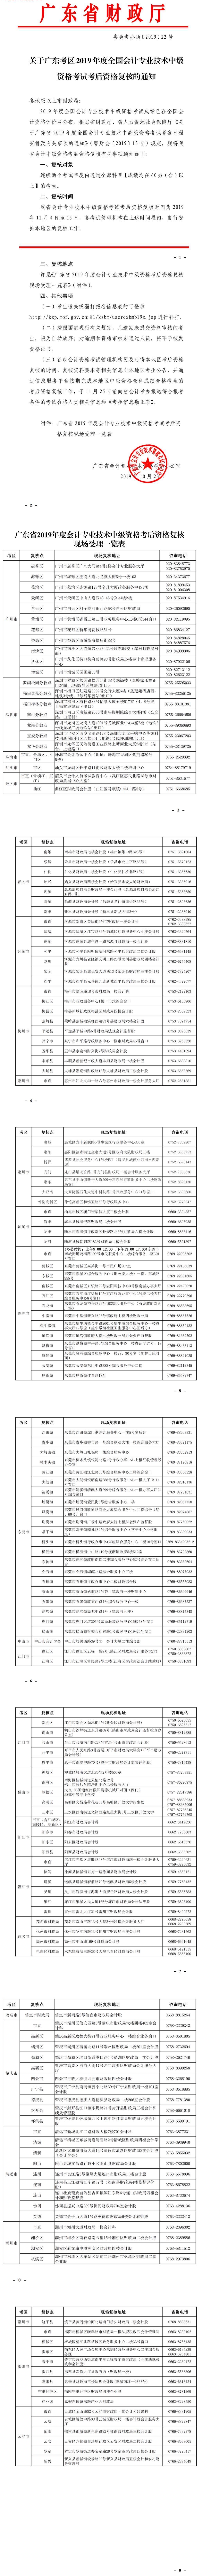 广东2019年中级会计职称考后资格复核的通知